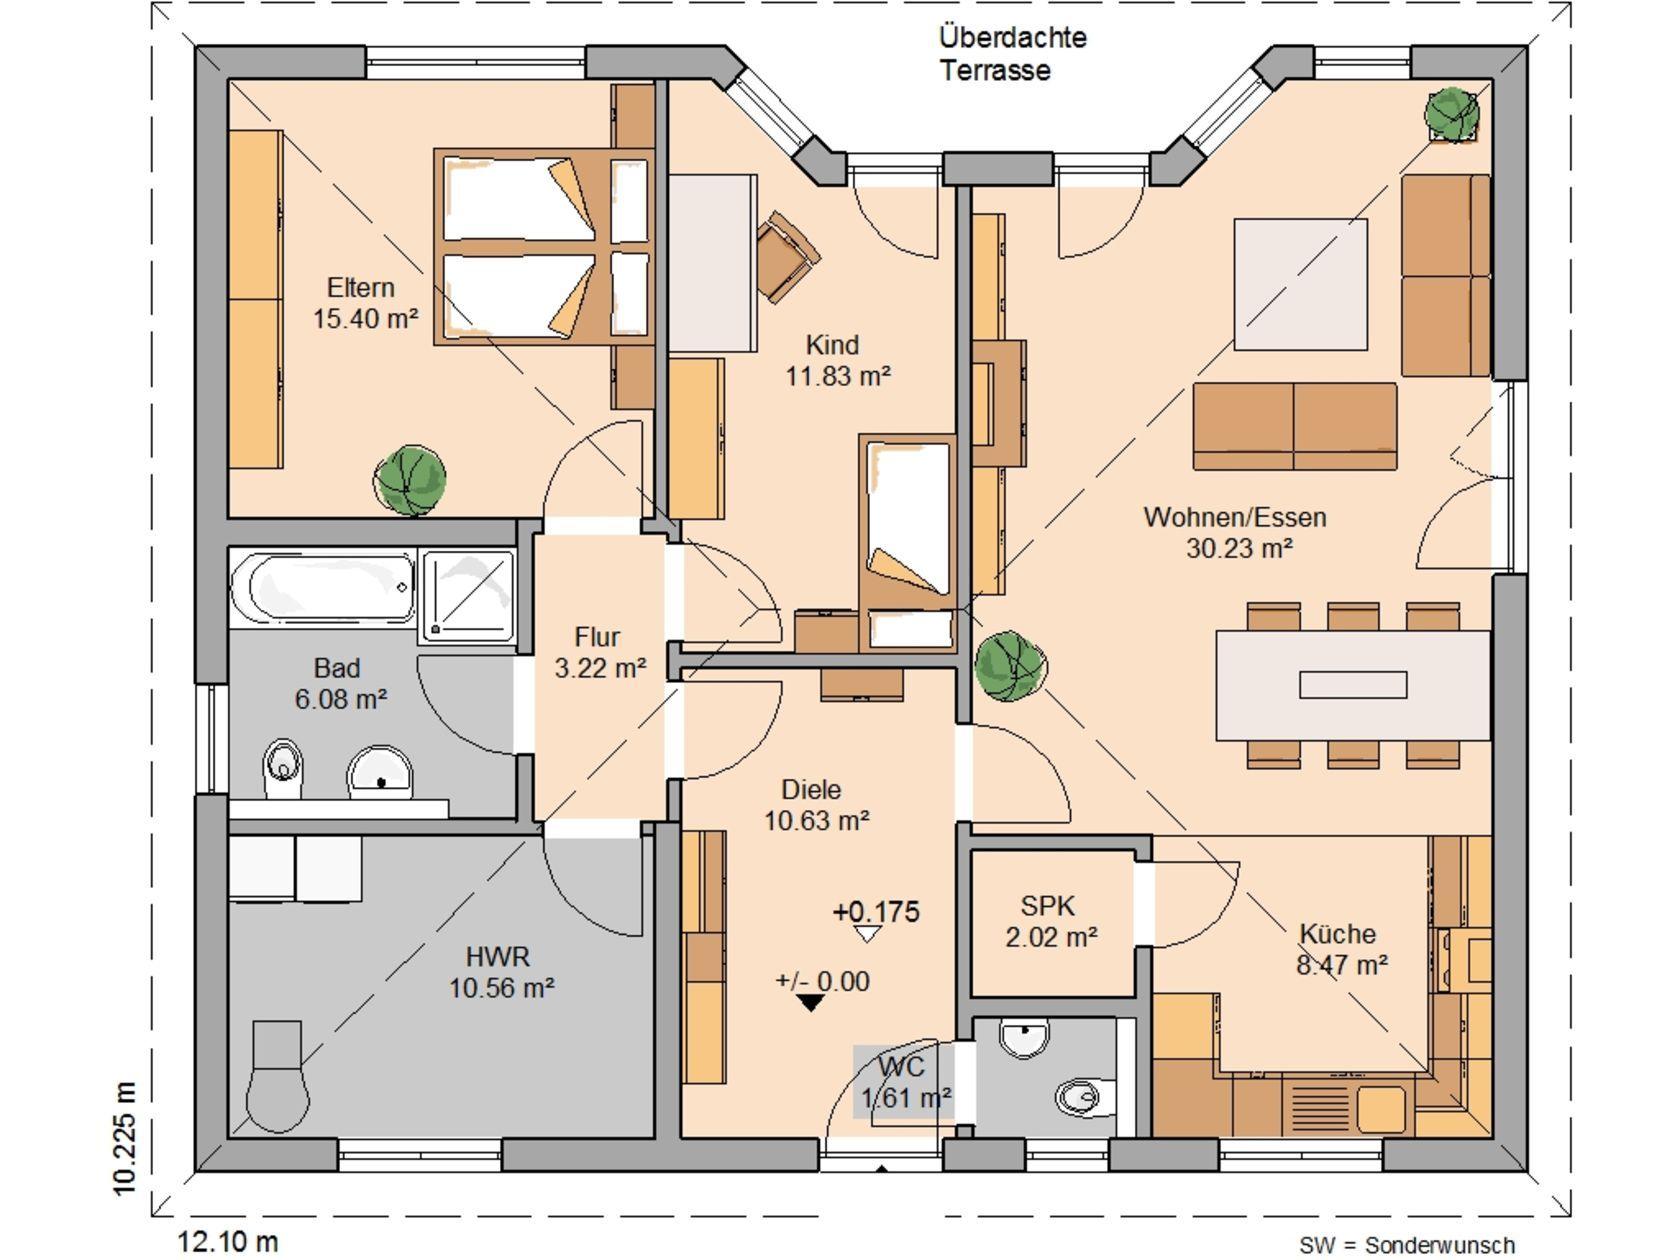 grundriss bungalow 100 m2 bungalow 100 grundriss erdgeschoss grundriss bungalow 100 qm emphit. Black Bedroom Furniture Sets. Home Design Ideas